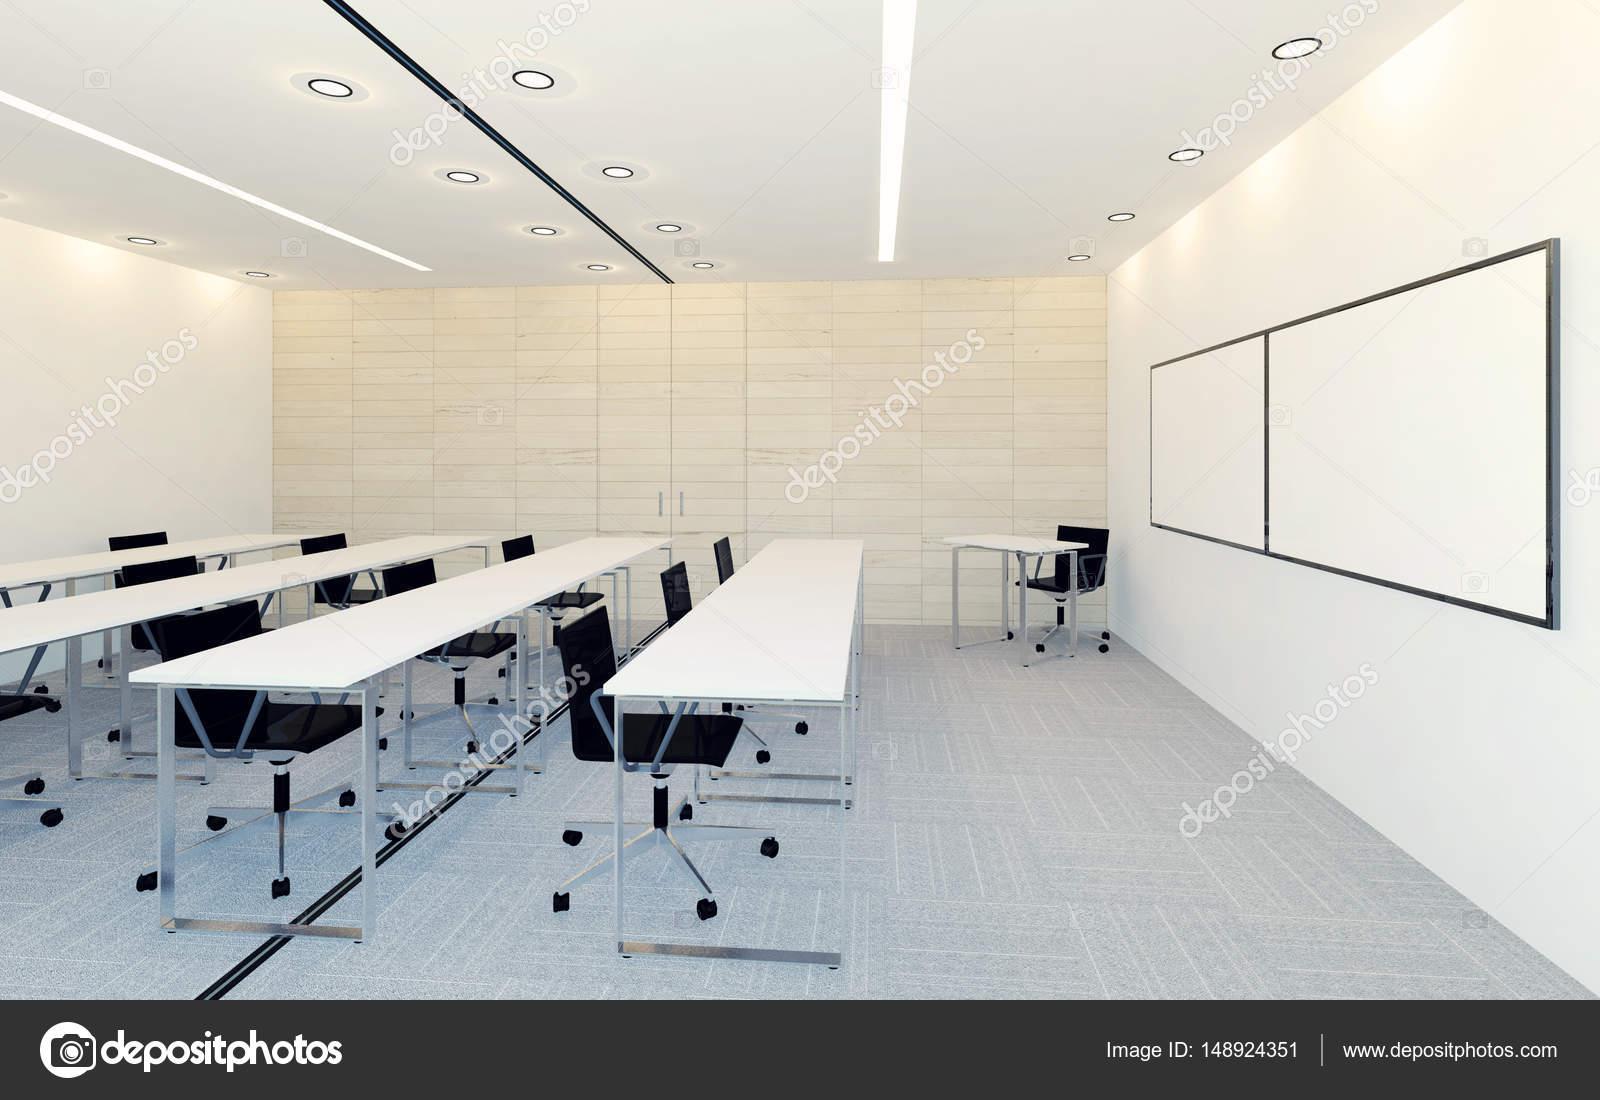 Moderne Interieur des Geschäfts Konferenzraum mit leeren Bildschirm ...